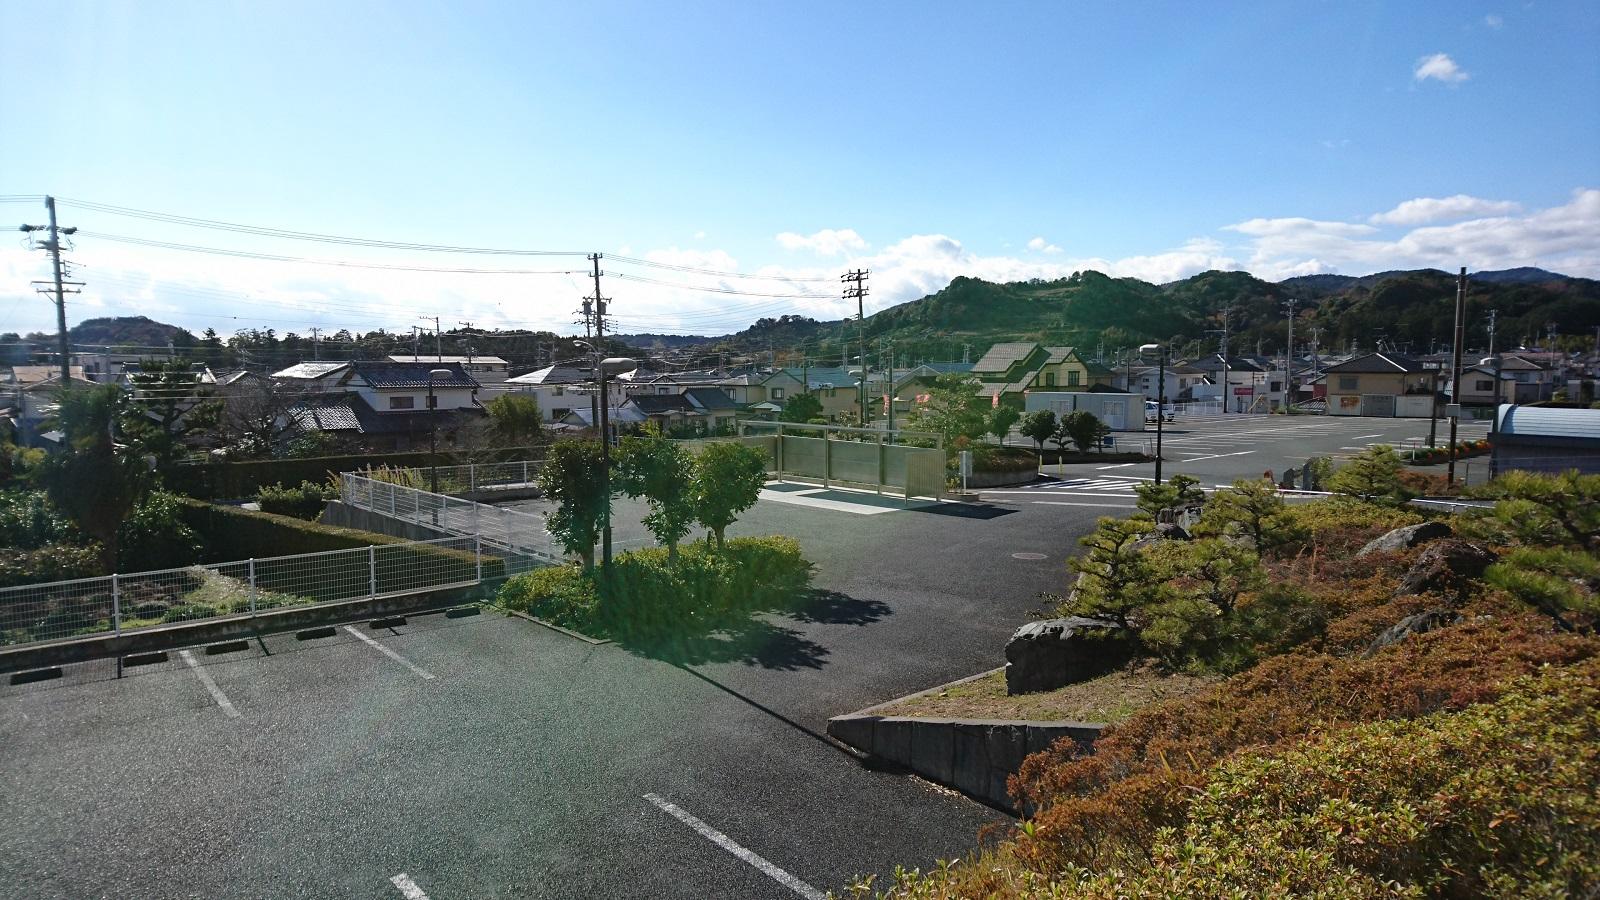 2016.12.23 井伊谷 (8) まちなみ - みぎ 1600-900